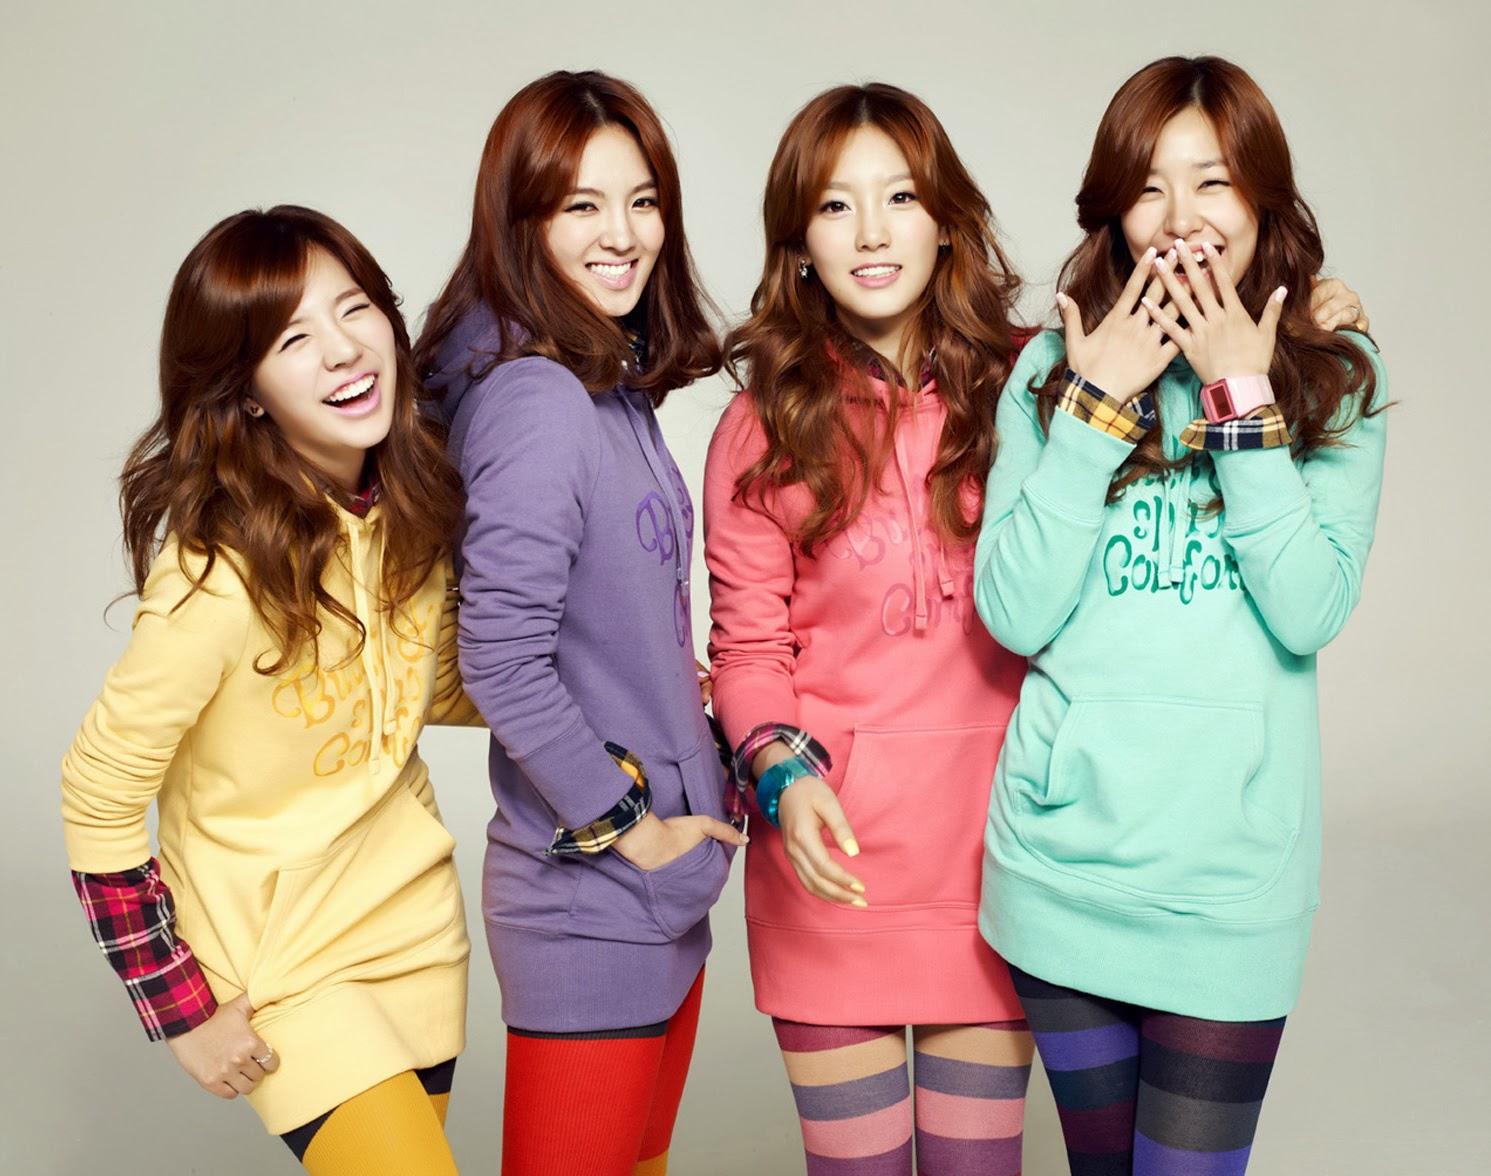 Girls latest style photo free